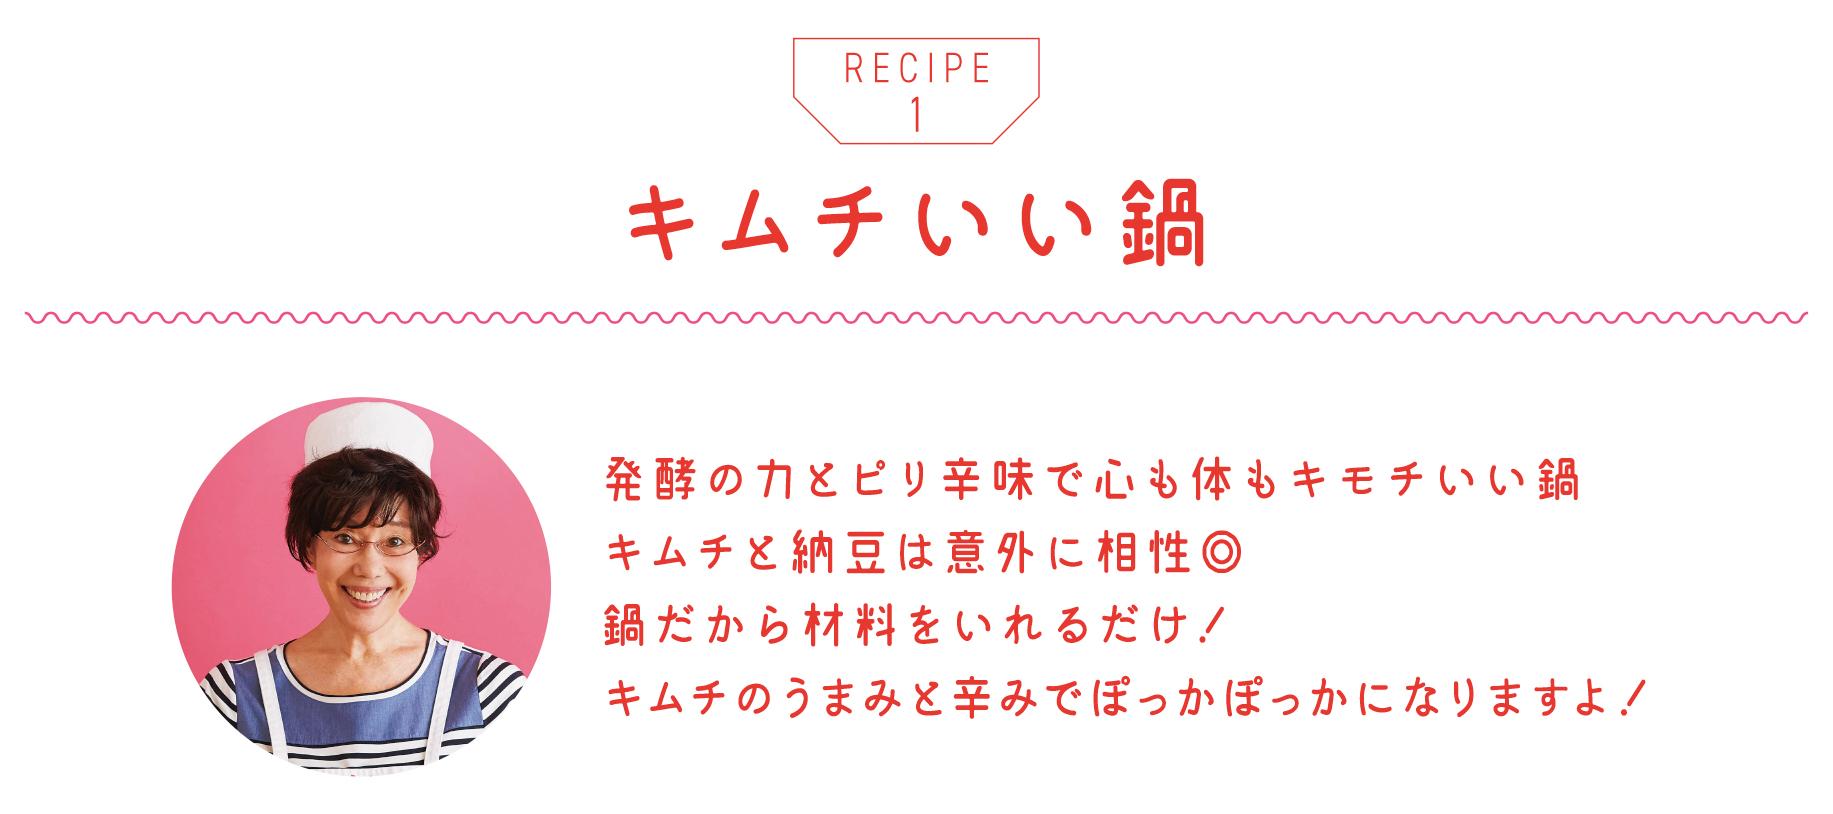 キムチいい鍋 発酵の力とピリ辛味で心も体もキモチいい鍋 キムチと納豆は意外に相性◎ 鍋だから材料をいれるだけ! キムチのうまみと辛みでぽっかぽっかになりますよ!